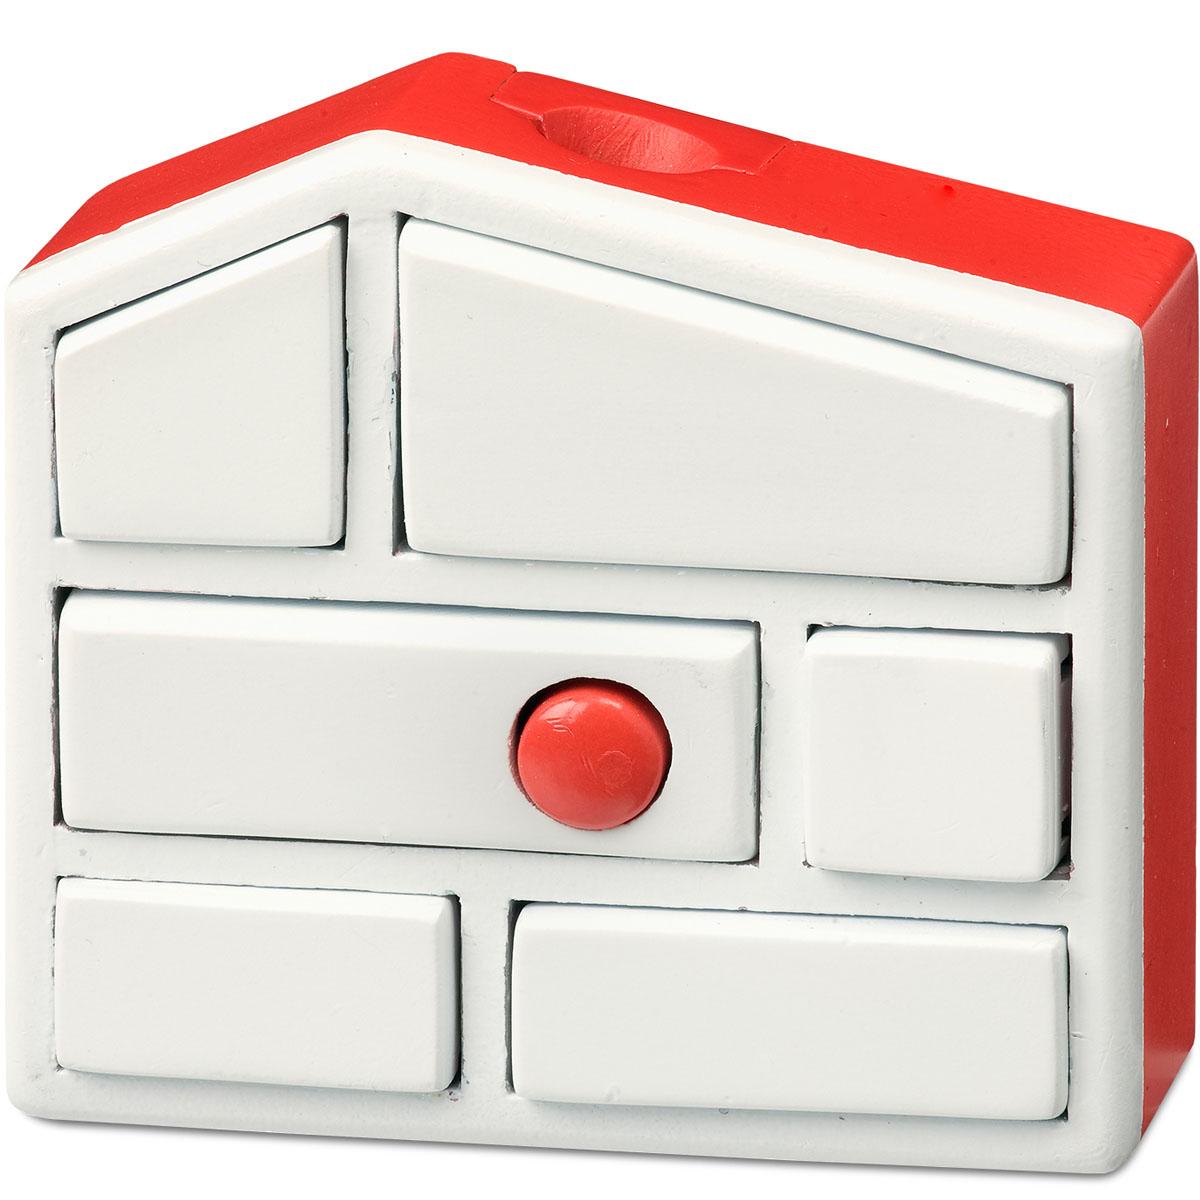 lundby fernbedienung 6 kn pfe f r lichter puppenhaus zubeh r beleuchtung ebay. Black Bedroom Furniture Sets. Home Design Ideas